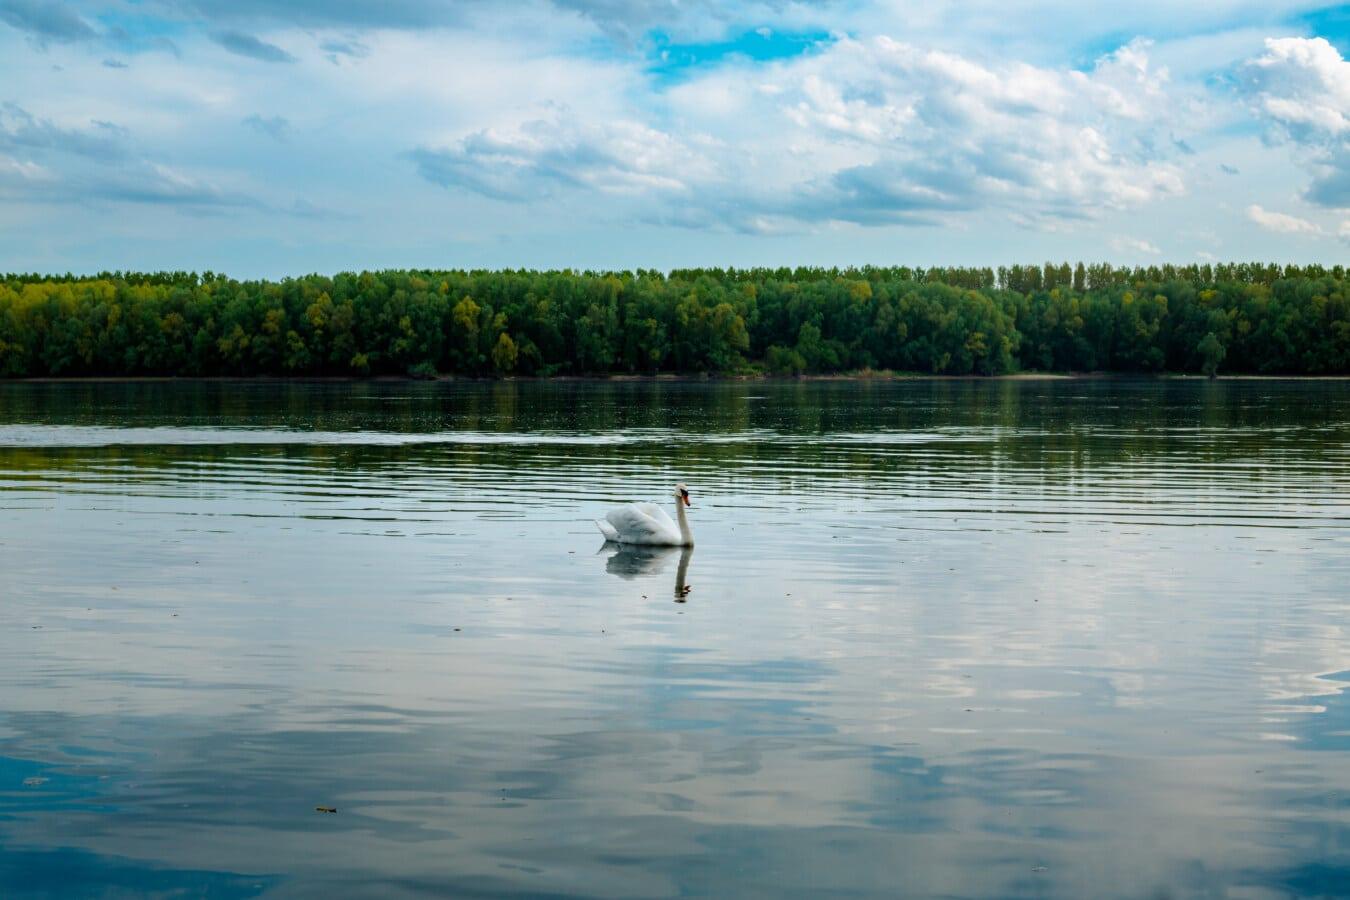 nuages, au bord du lac, cygne, nature, réflexion, Lac, eau, oiseau, rivière, été